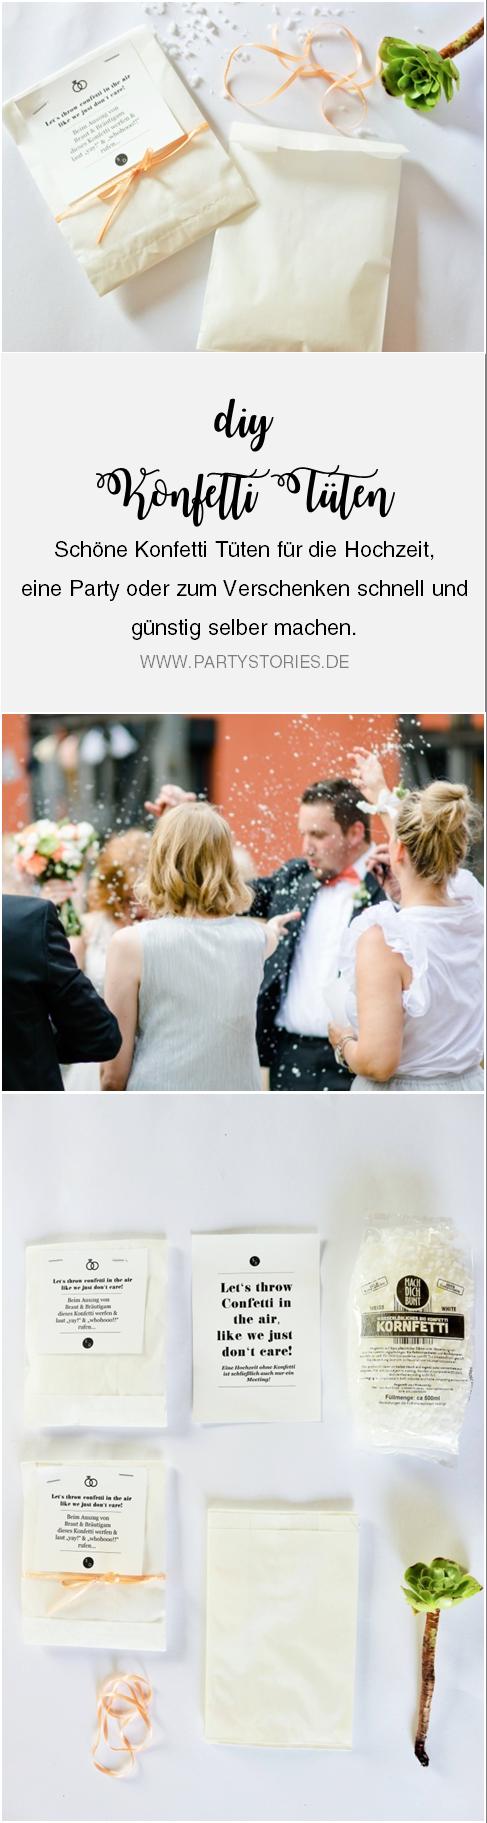 Diy Konfetti Tuten Schone Konfetti Verpackung Einfach Selber Basteln Konfetti Hochzeit Hochzeit Deko